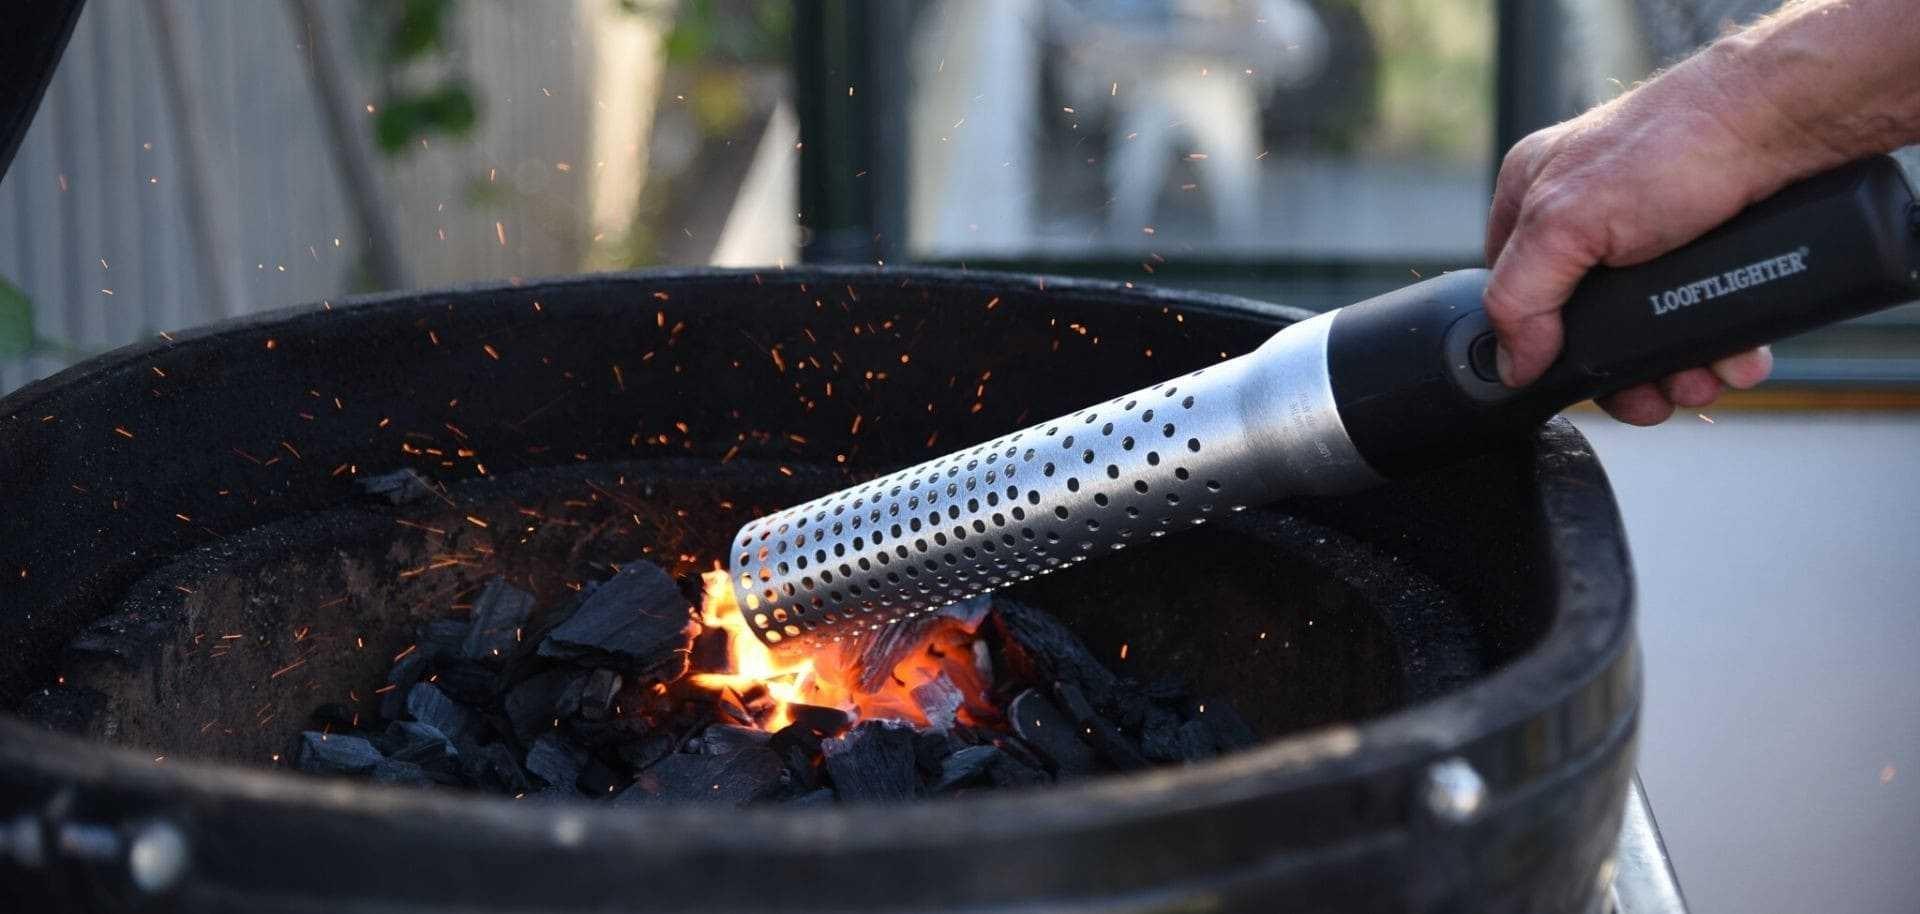 A Natale regala un Looftlighter, lo strumento indispensabile per tutti gli amanti del BBQ